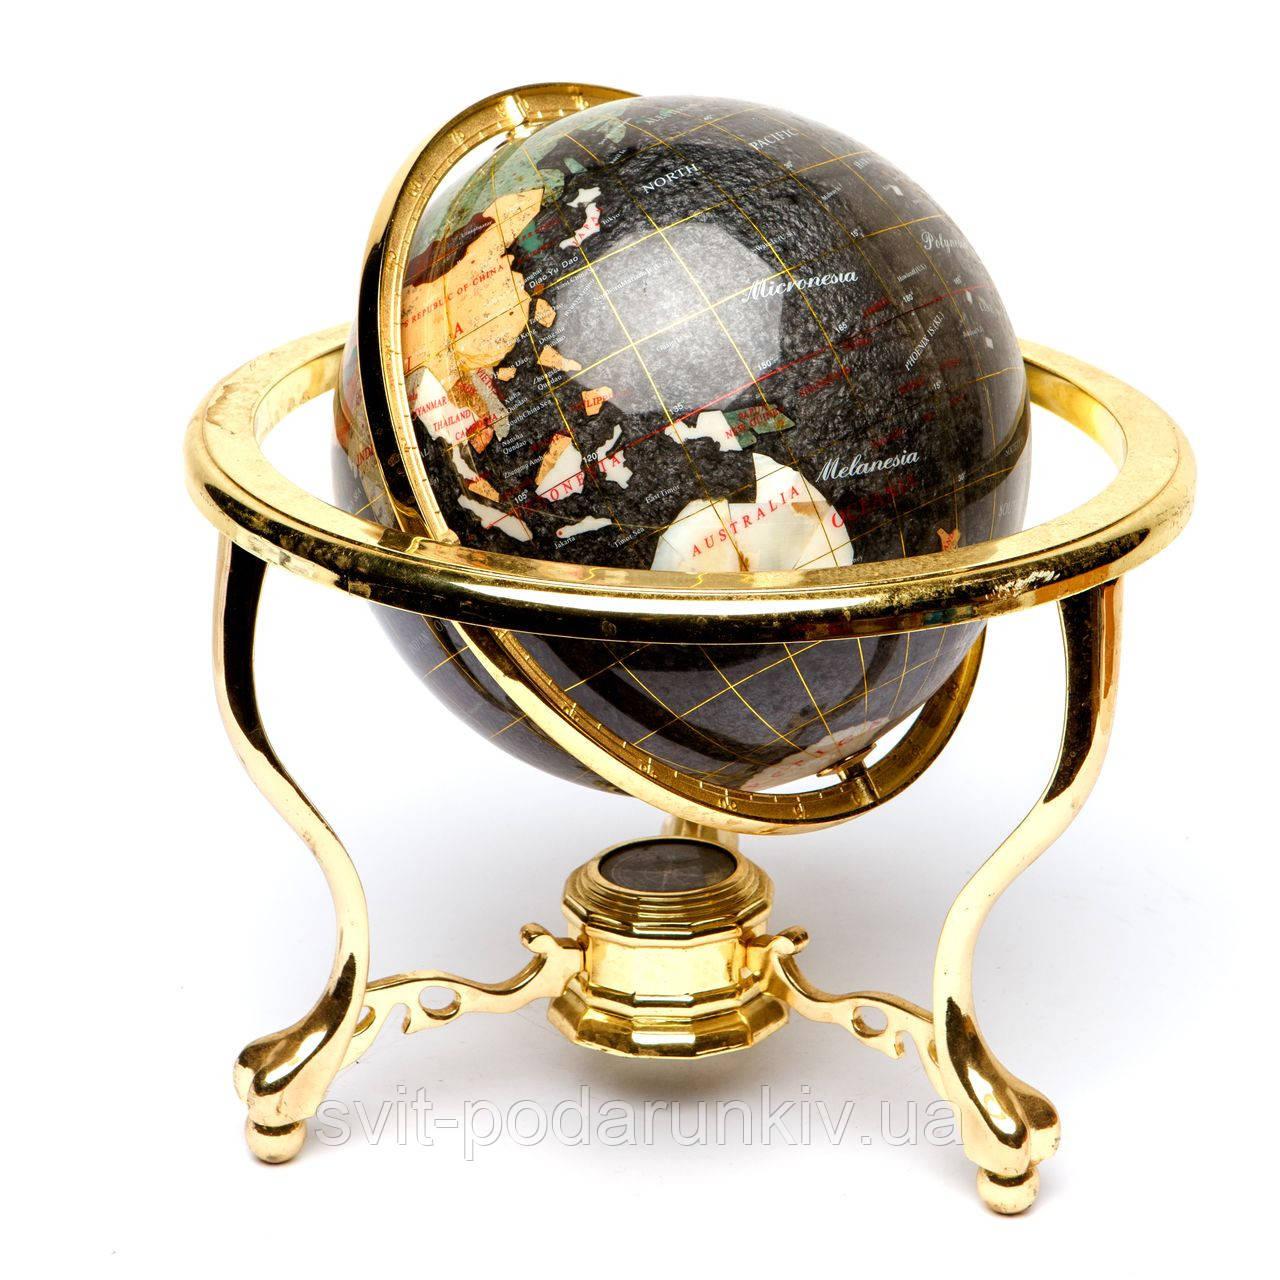 Глобус на підставці золотистої з напівкоштовних каменів CLS220